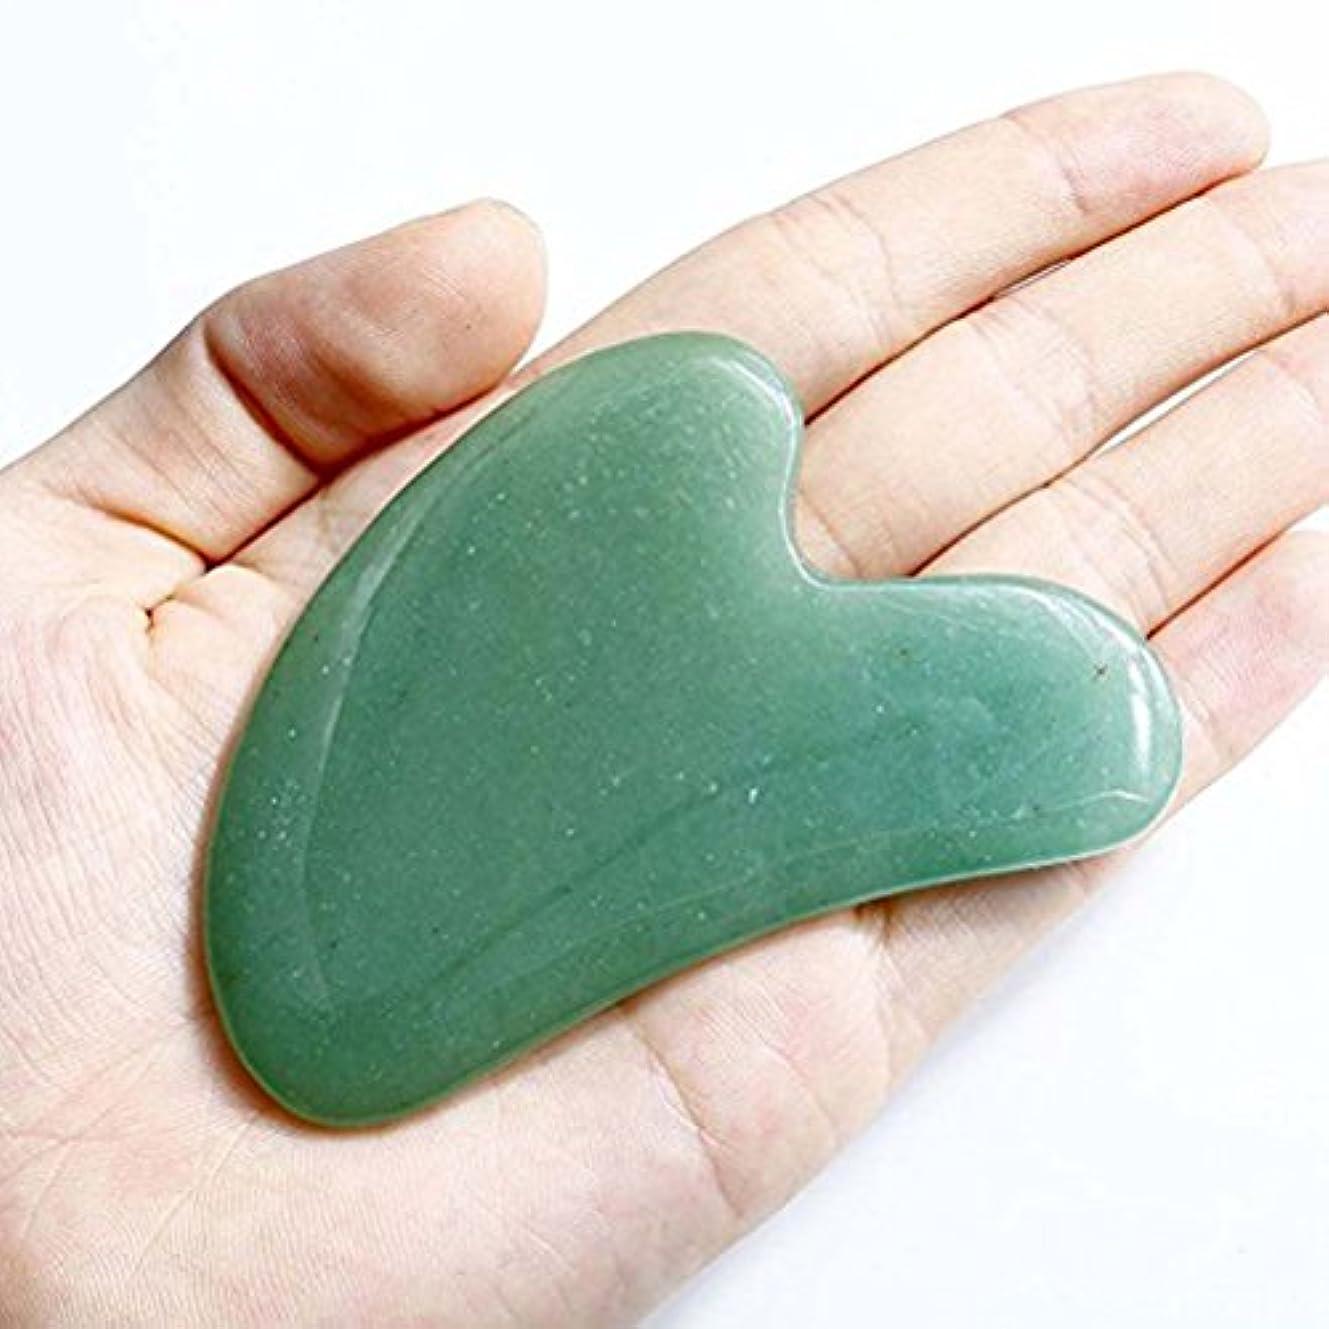 職人作成する水銀のEcho & Kern Face / Body Massage Green Aventurine heart shape ハート形状かっさプレート 天然石 翡翠色(顔?ボディのリンパマッサージ) (かっさプレートH)